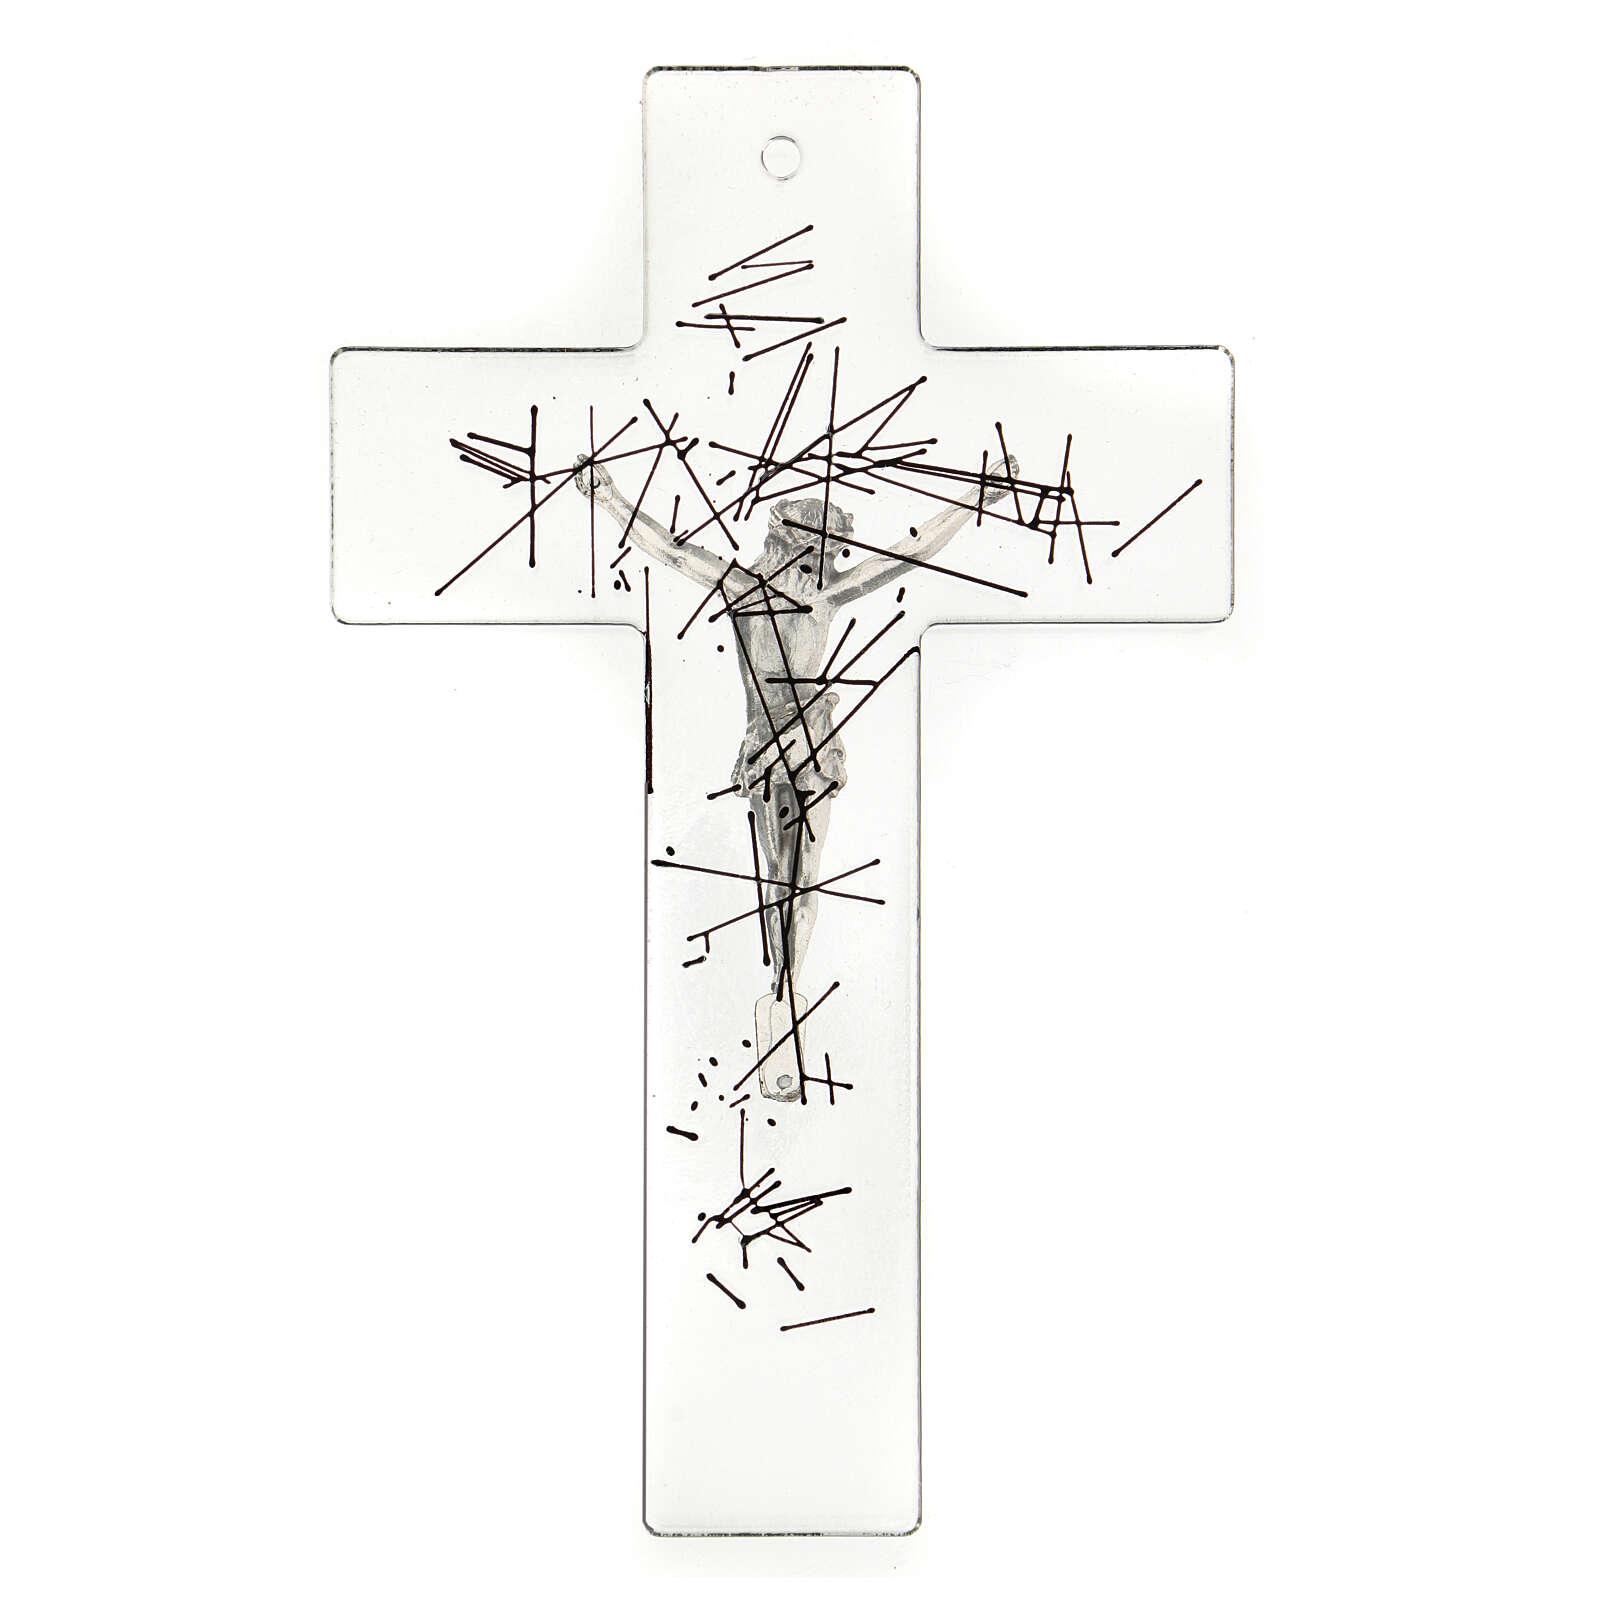 Crocifisso moderno vetro trasparente on decorazione righe nere 20x15 cm 4